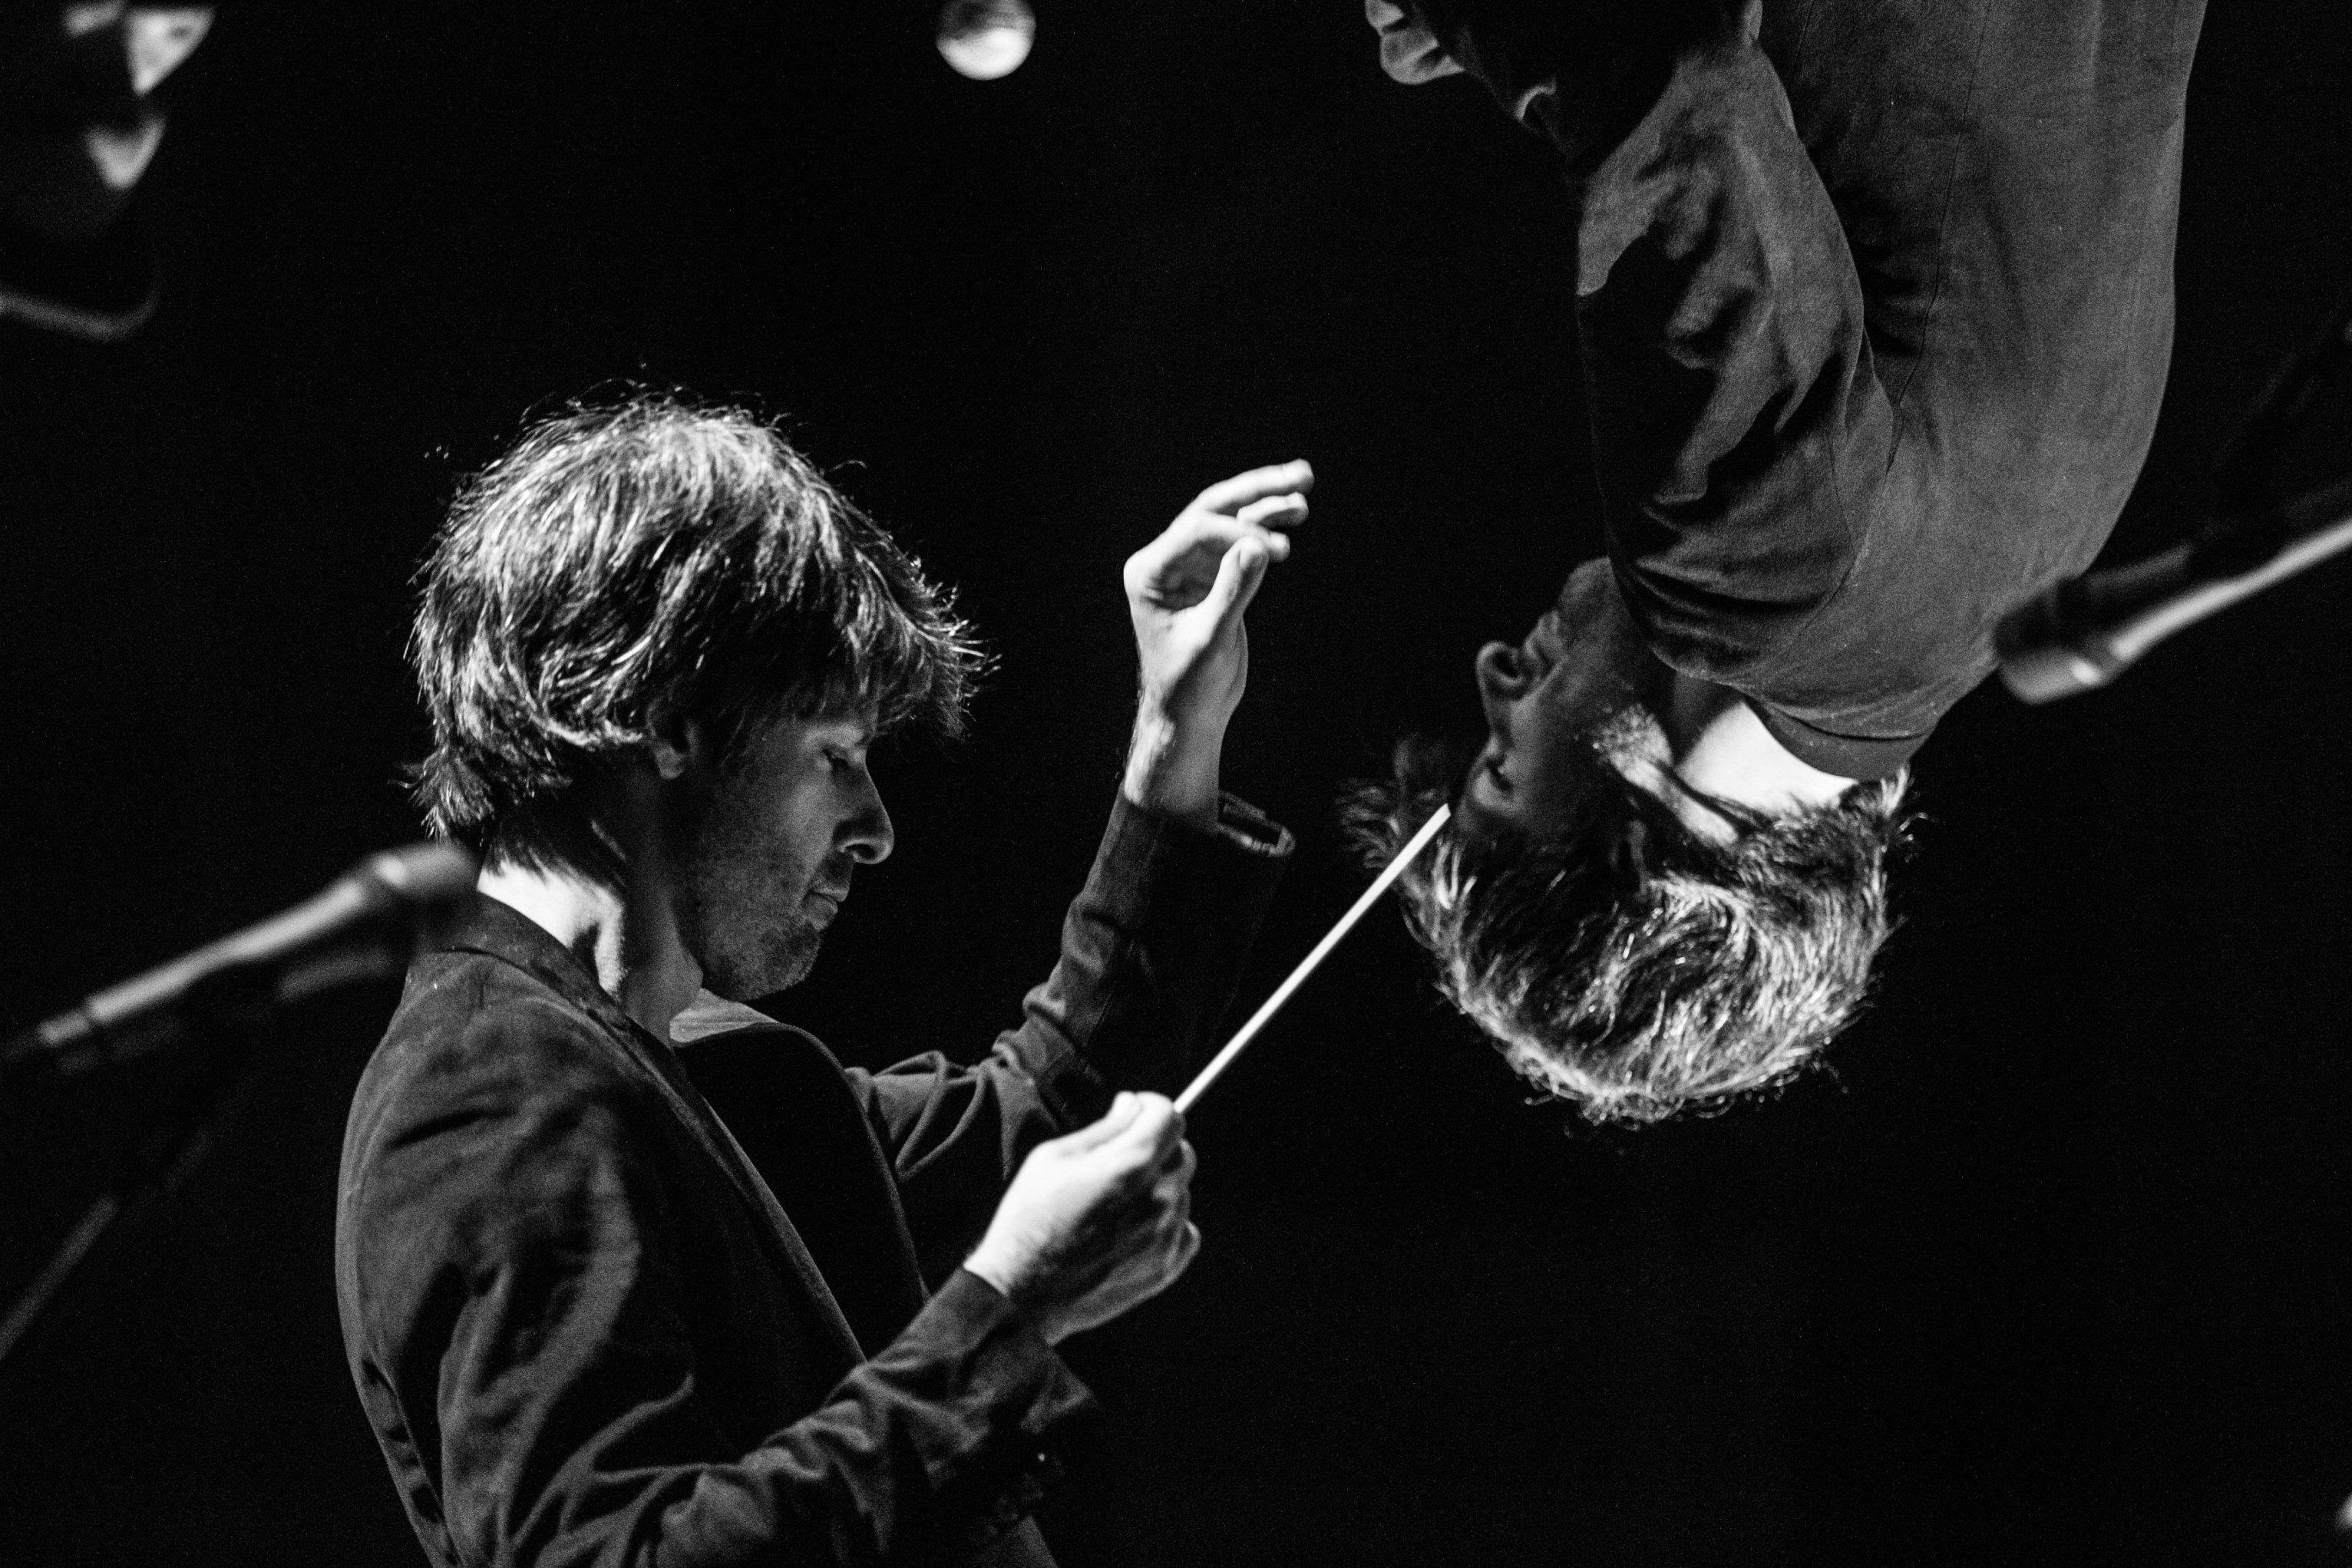 """Orquestra Petrobras Sinfônica apresenta os concertos """"Bohemian Rhapsody"""" e """"Black Album"""" no Allianz Parque"""